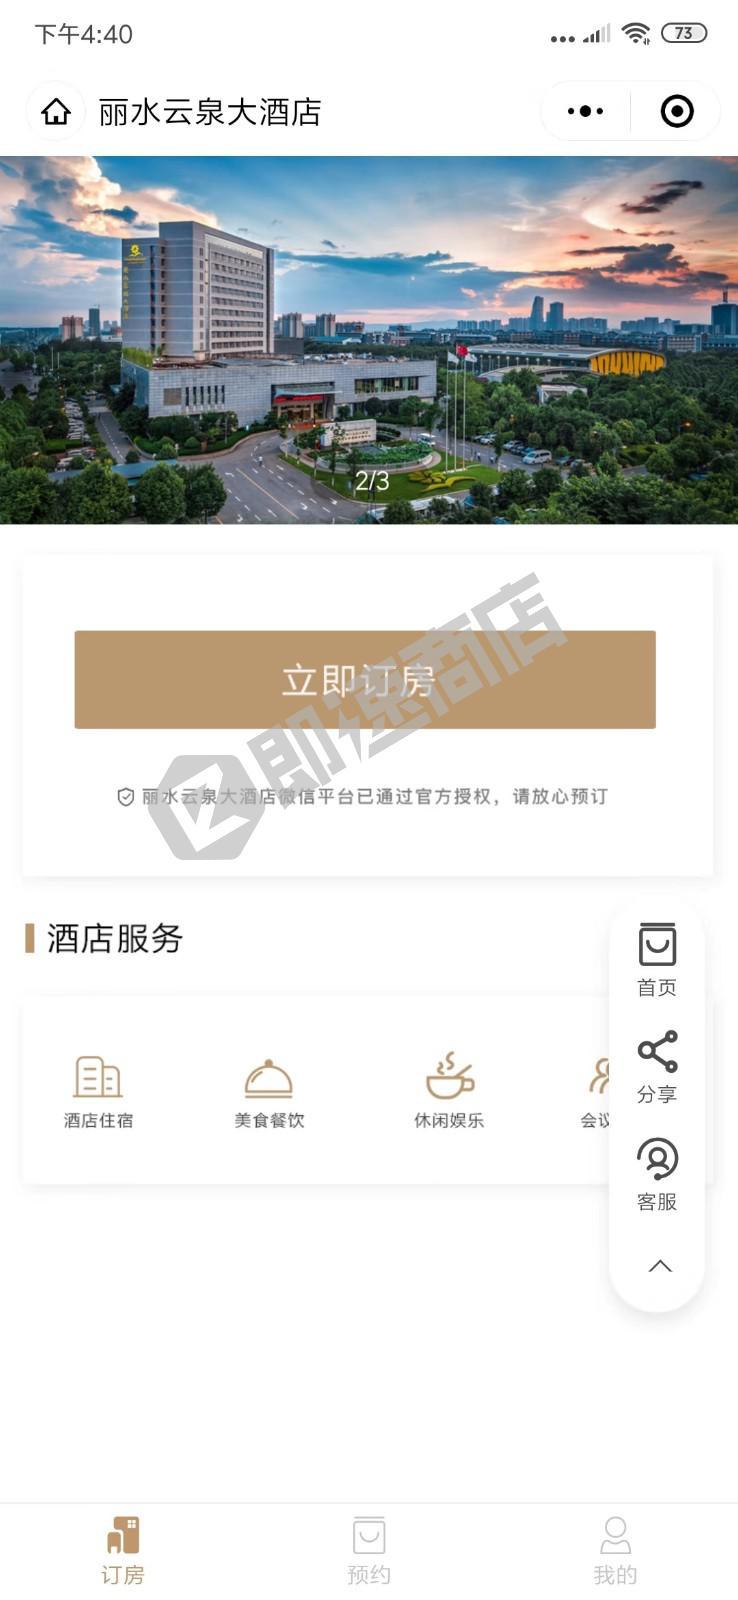 云南丽水云泉大酒店小程序首页截图